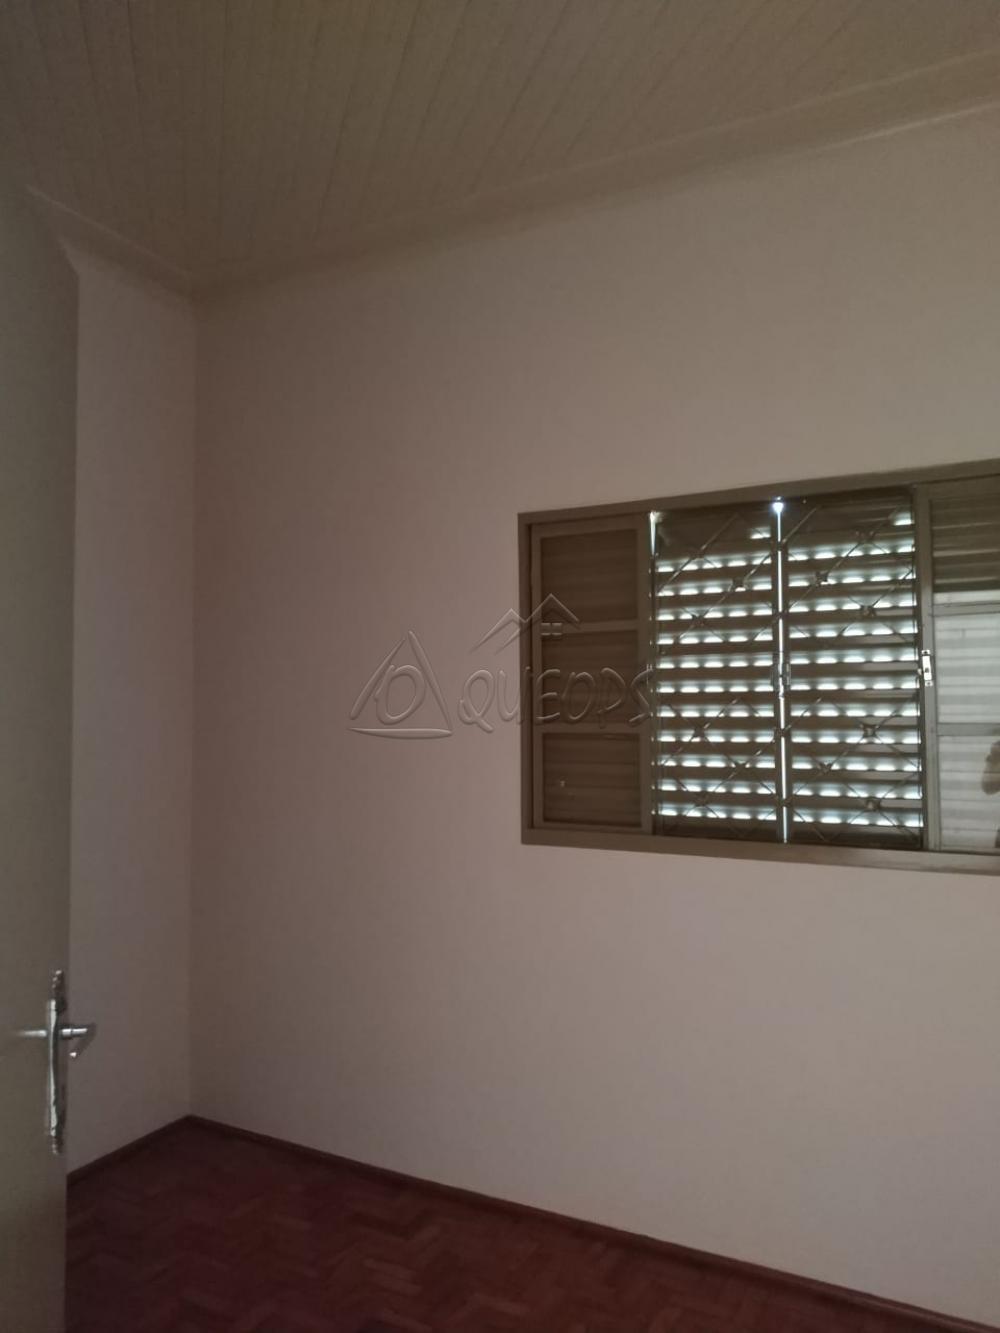 Comprar Casa / Padrão em Barretos apenas R$ 220.000,00 - Foto 8